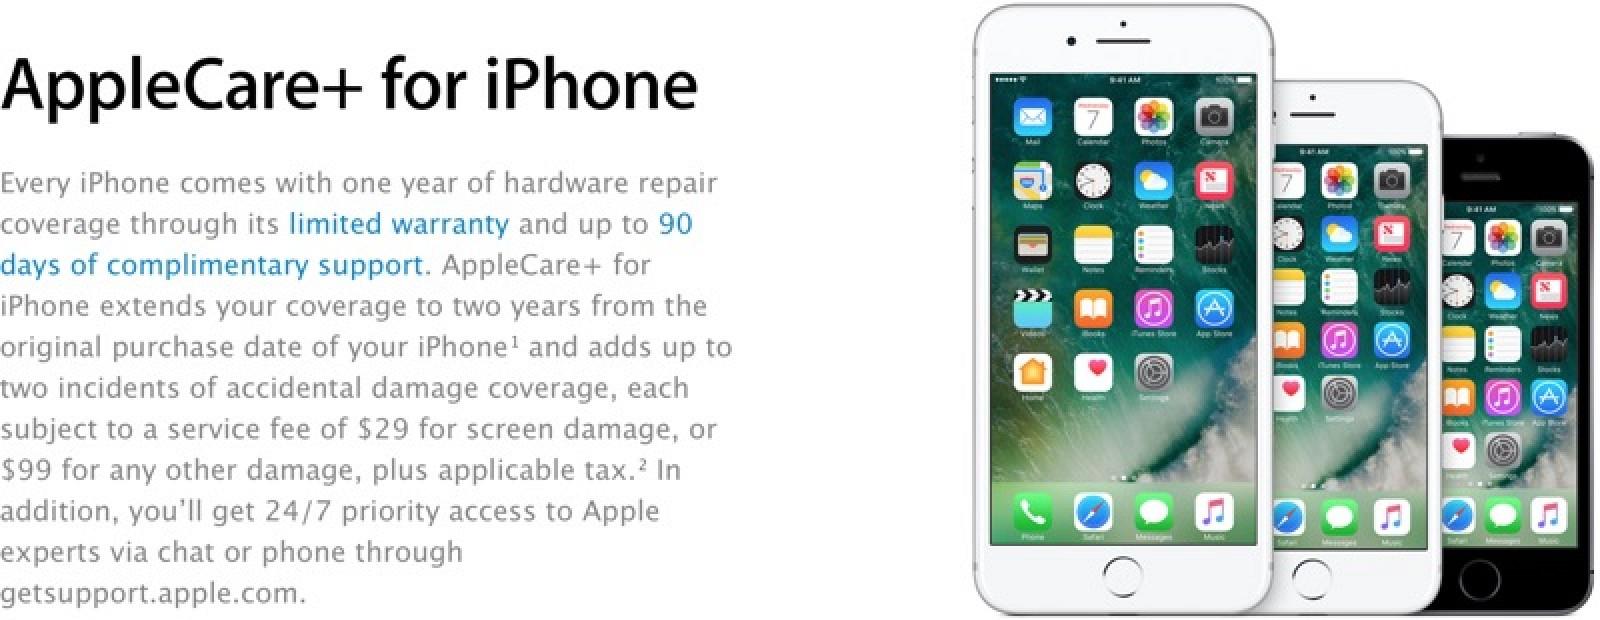 Does Apple Repair Iphones